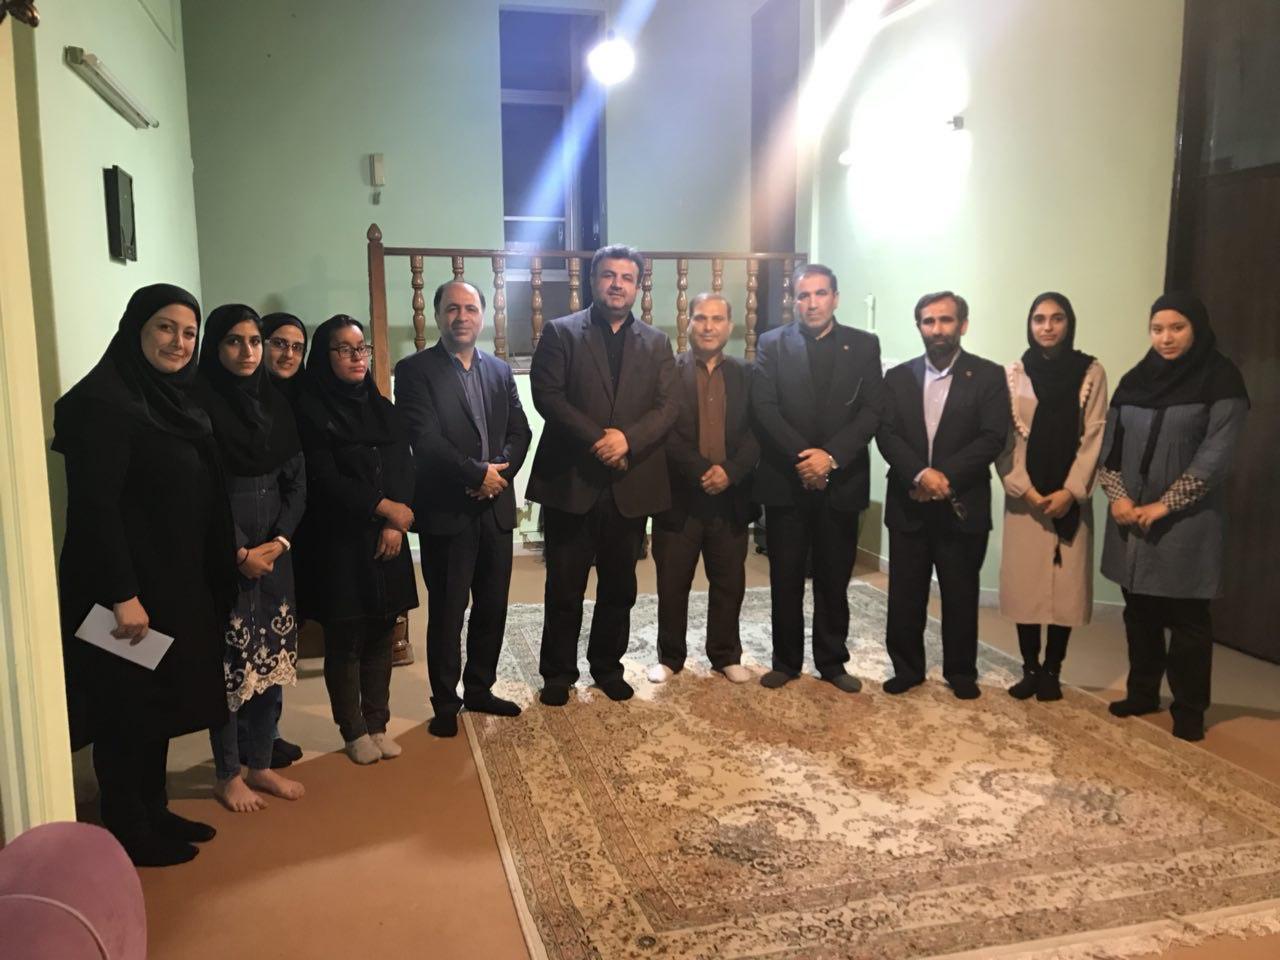 بازدید معاون سیاسی،امنیتی و اجتماعی استانداری  مازندران از مرکز نگهداری فرزندان بهزیستی در شهرستان ساری